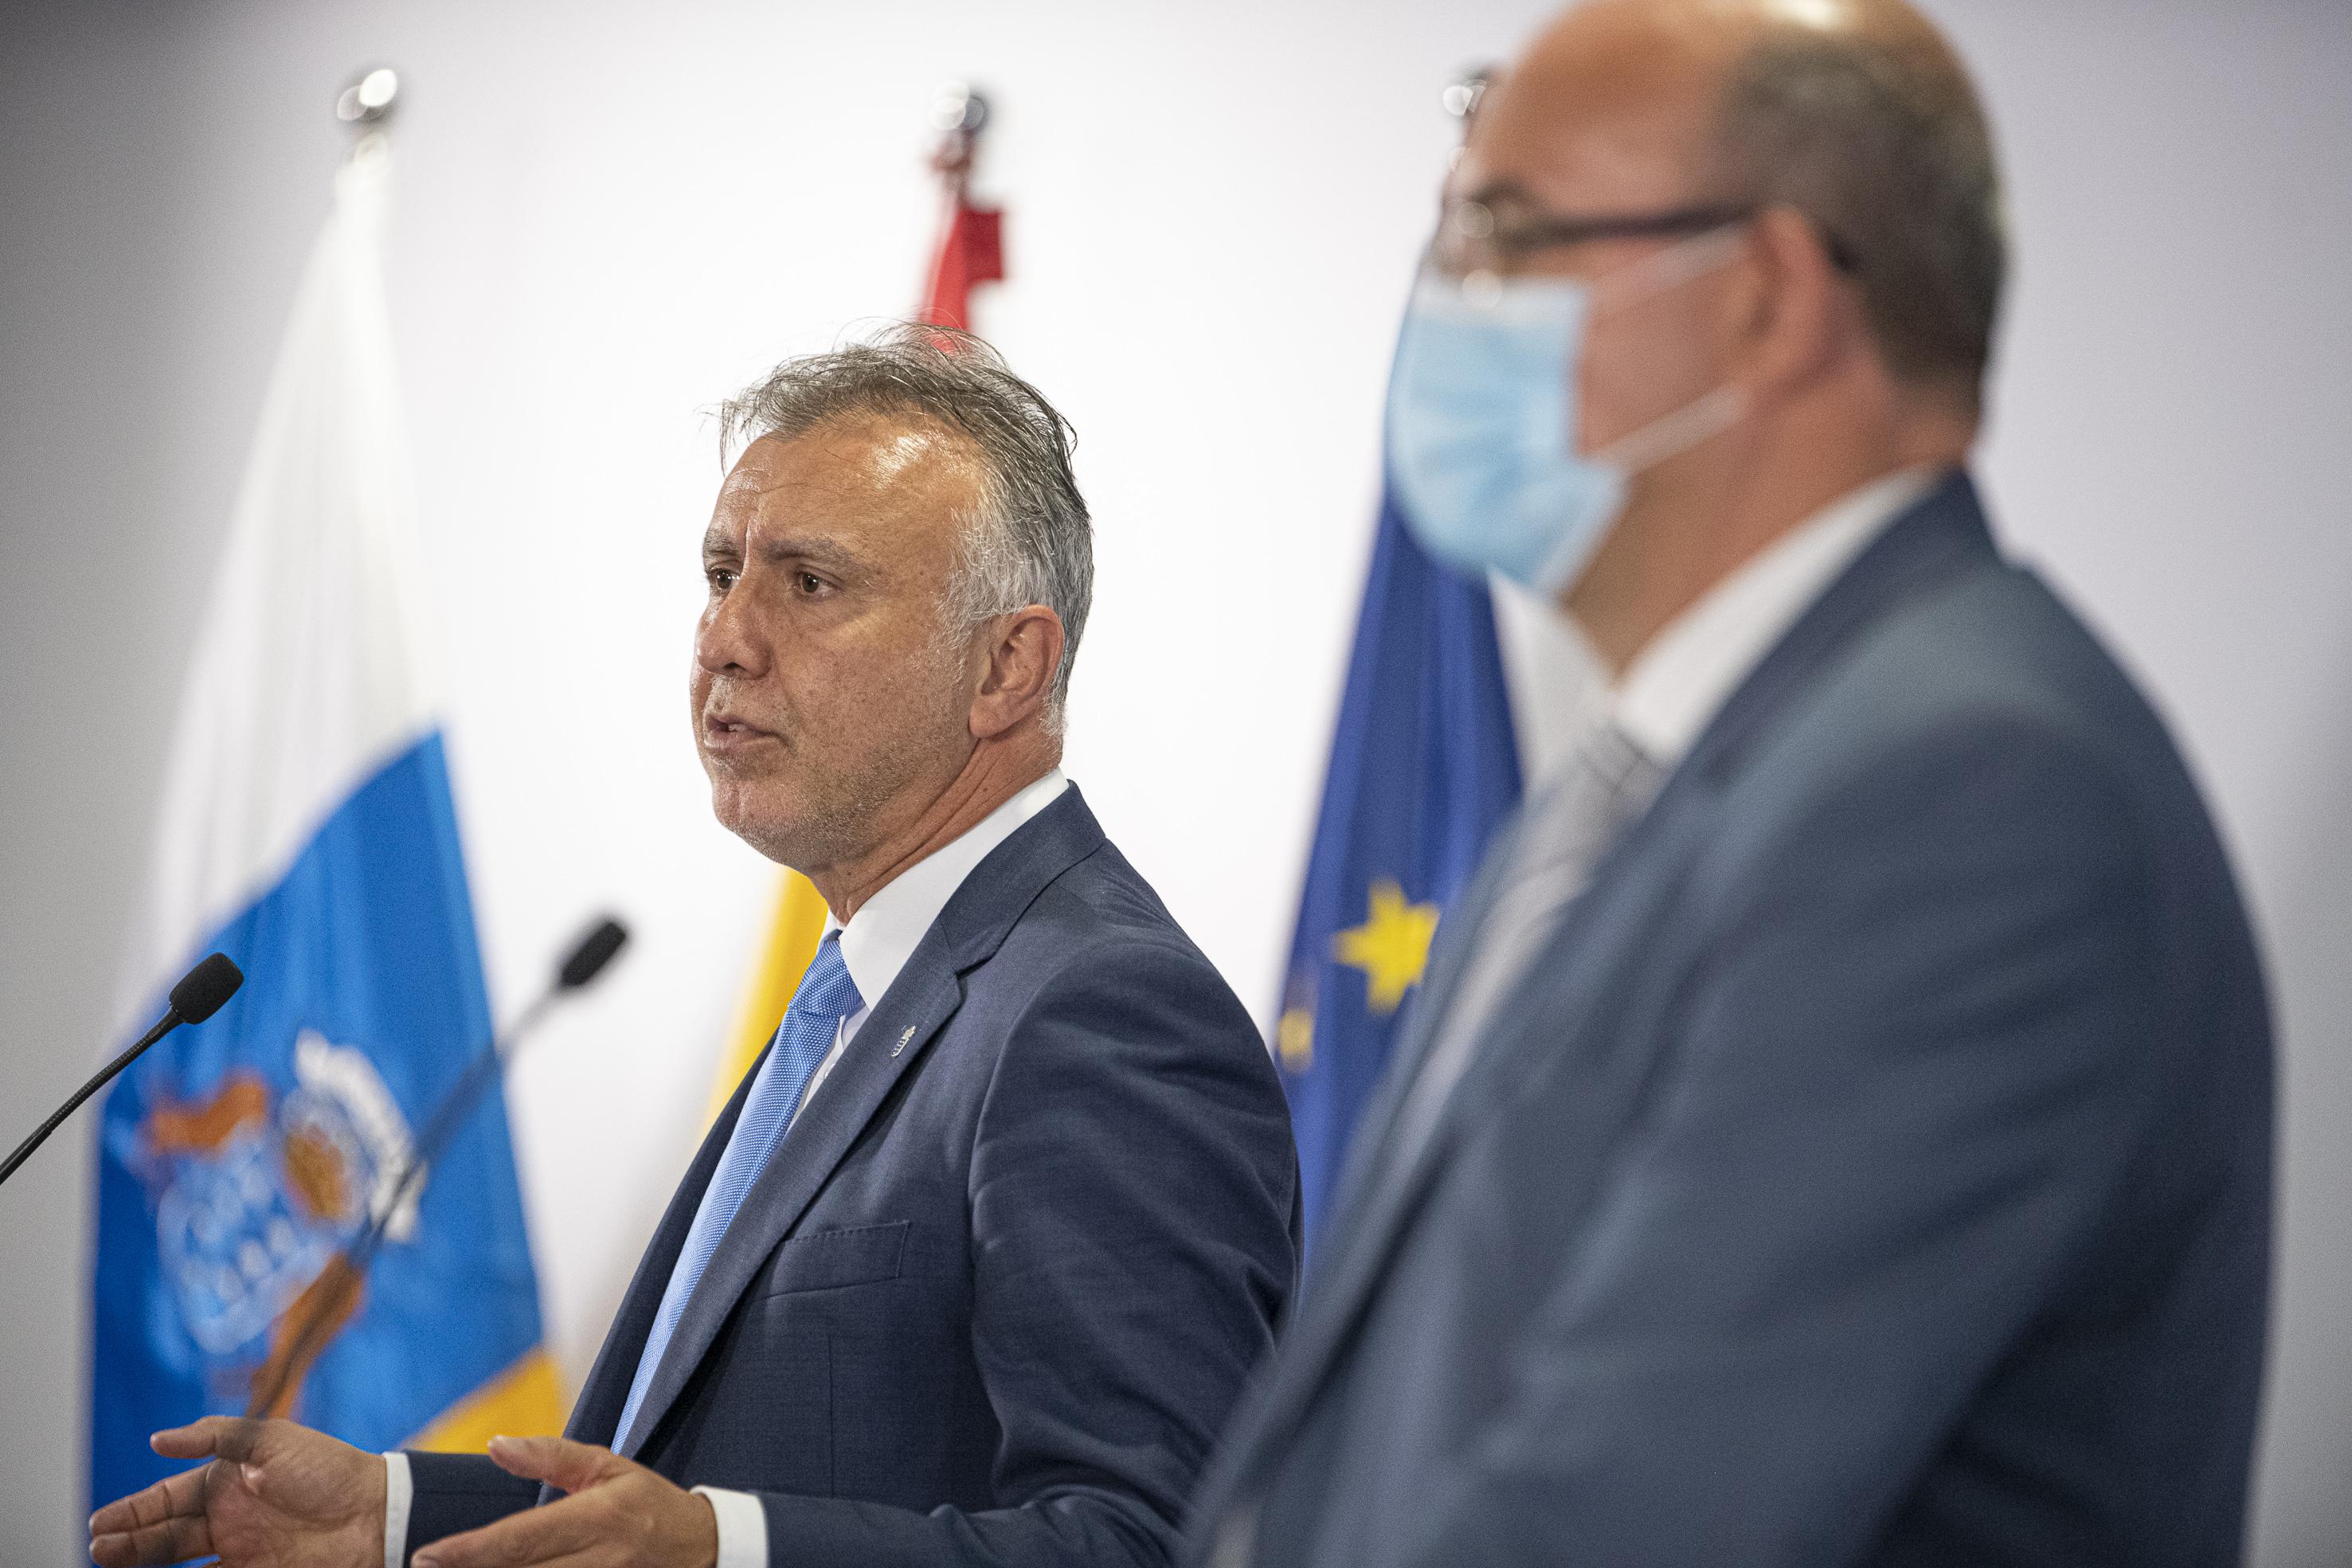 El Gobierno de Canarias y el de España trabajarán en un convenio de cogestión para la atención sanitaria de migrantes